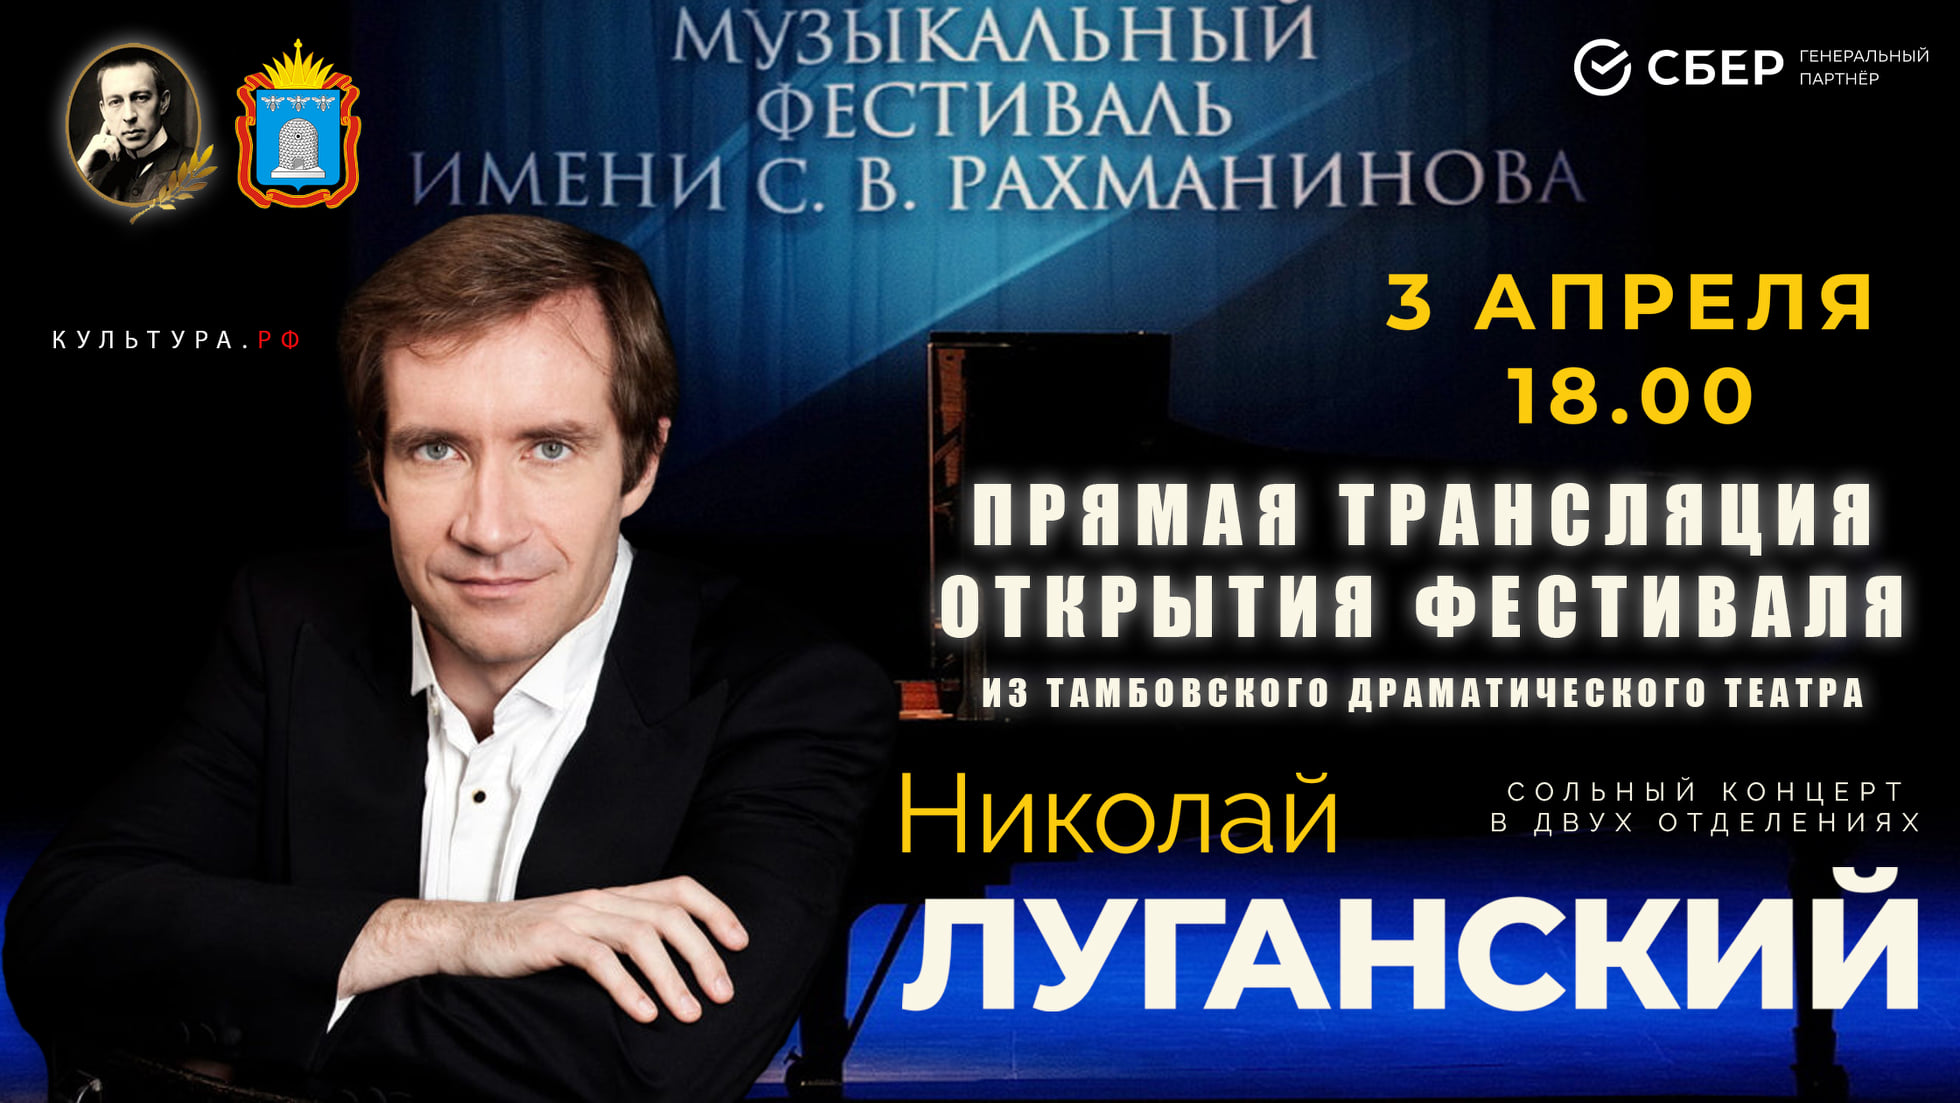 Тамбовчане смогут увидеть прямую трансляцию открытия фестиваля имени С.В. Рахманинова